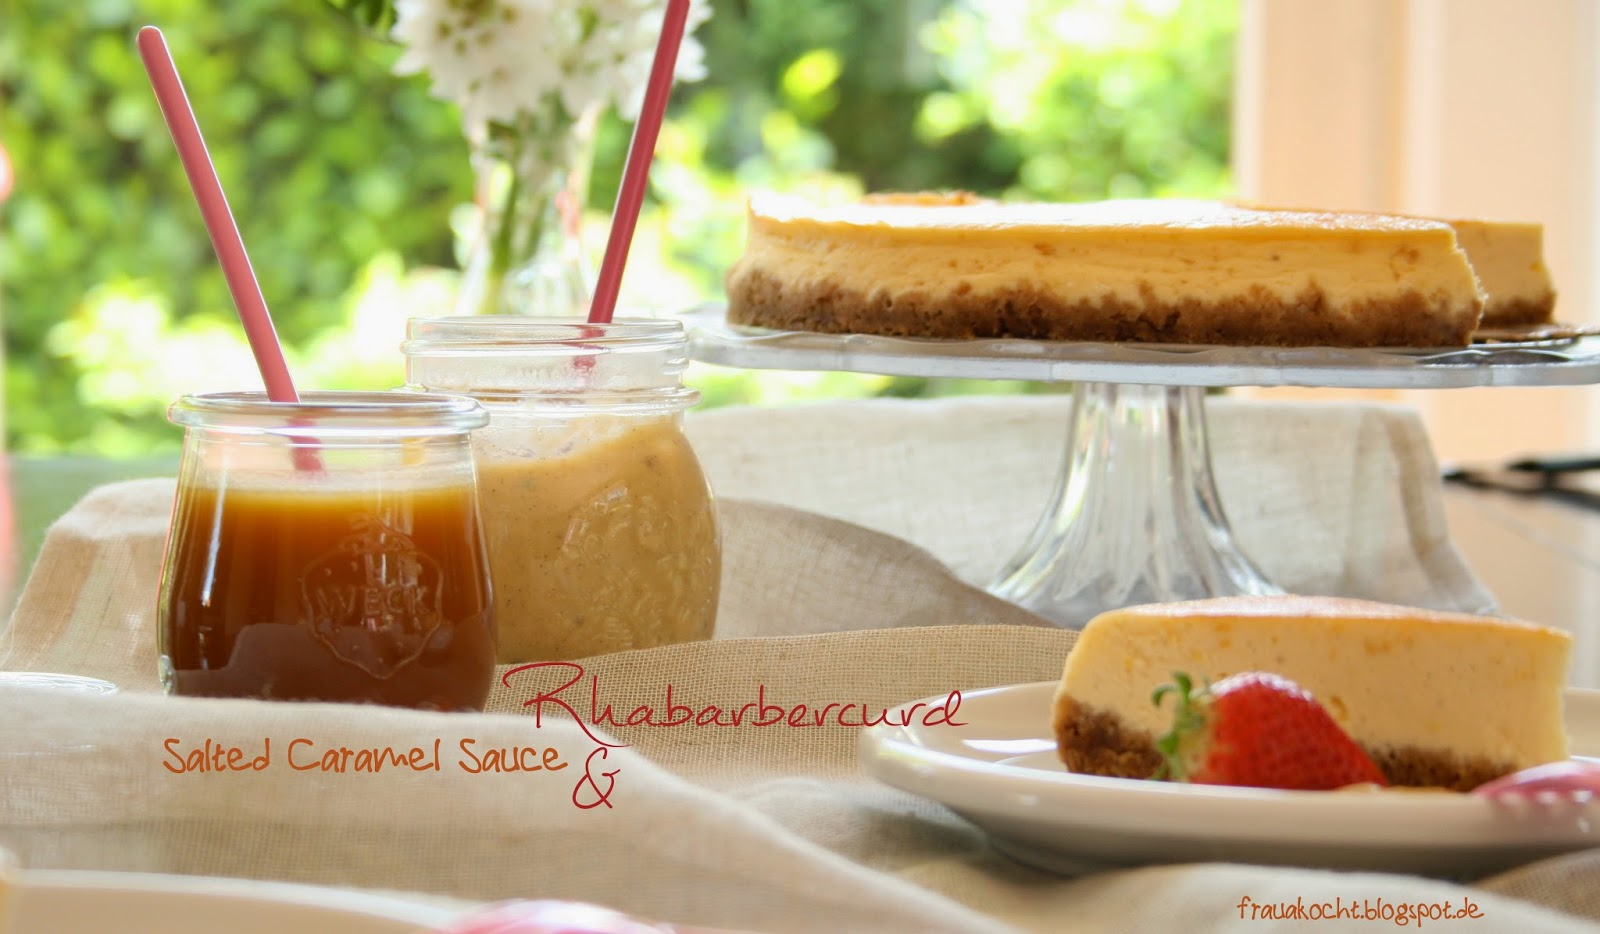 Frau A. kocht : Rhabarber trifft Cheesecake und Caramel